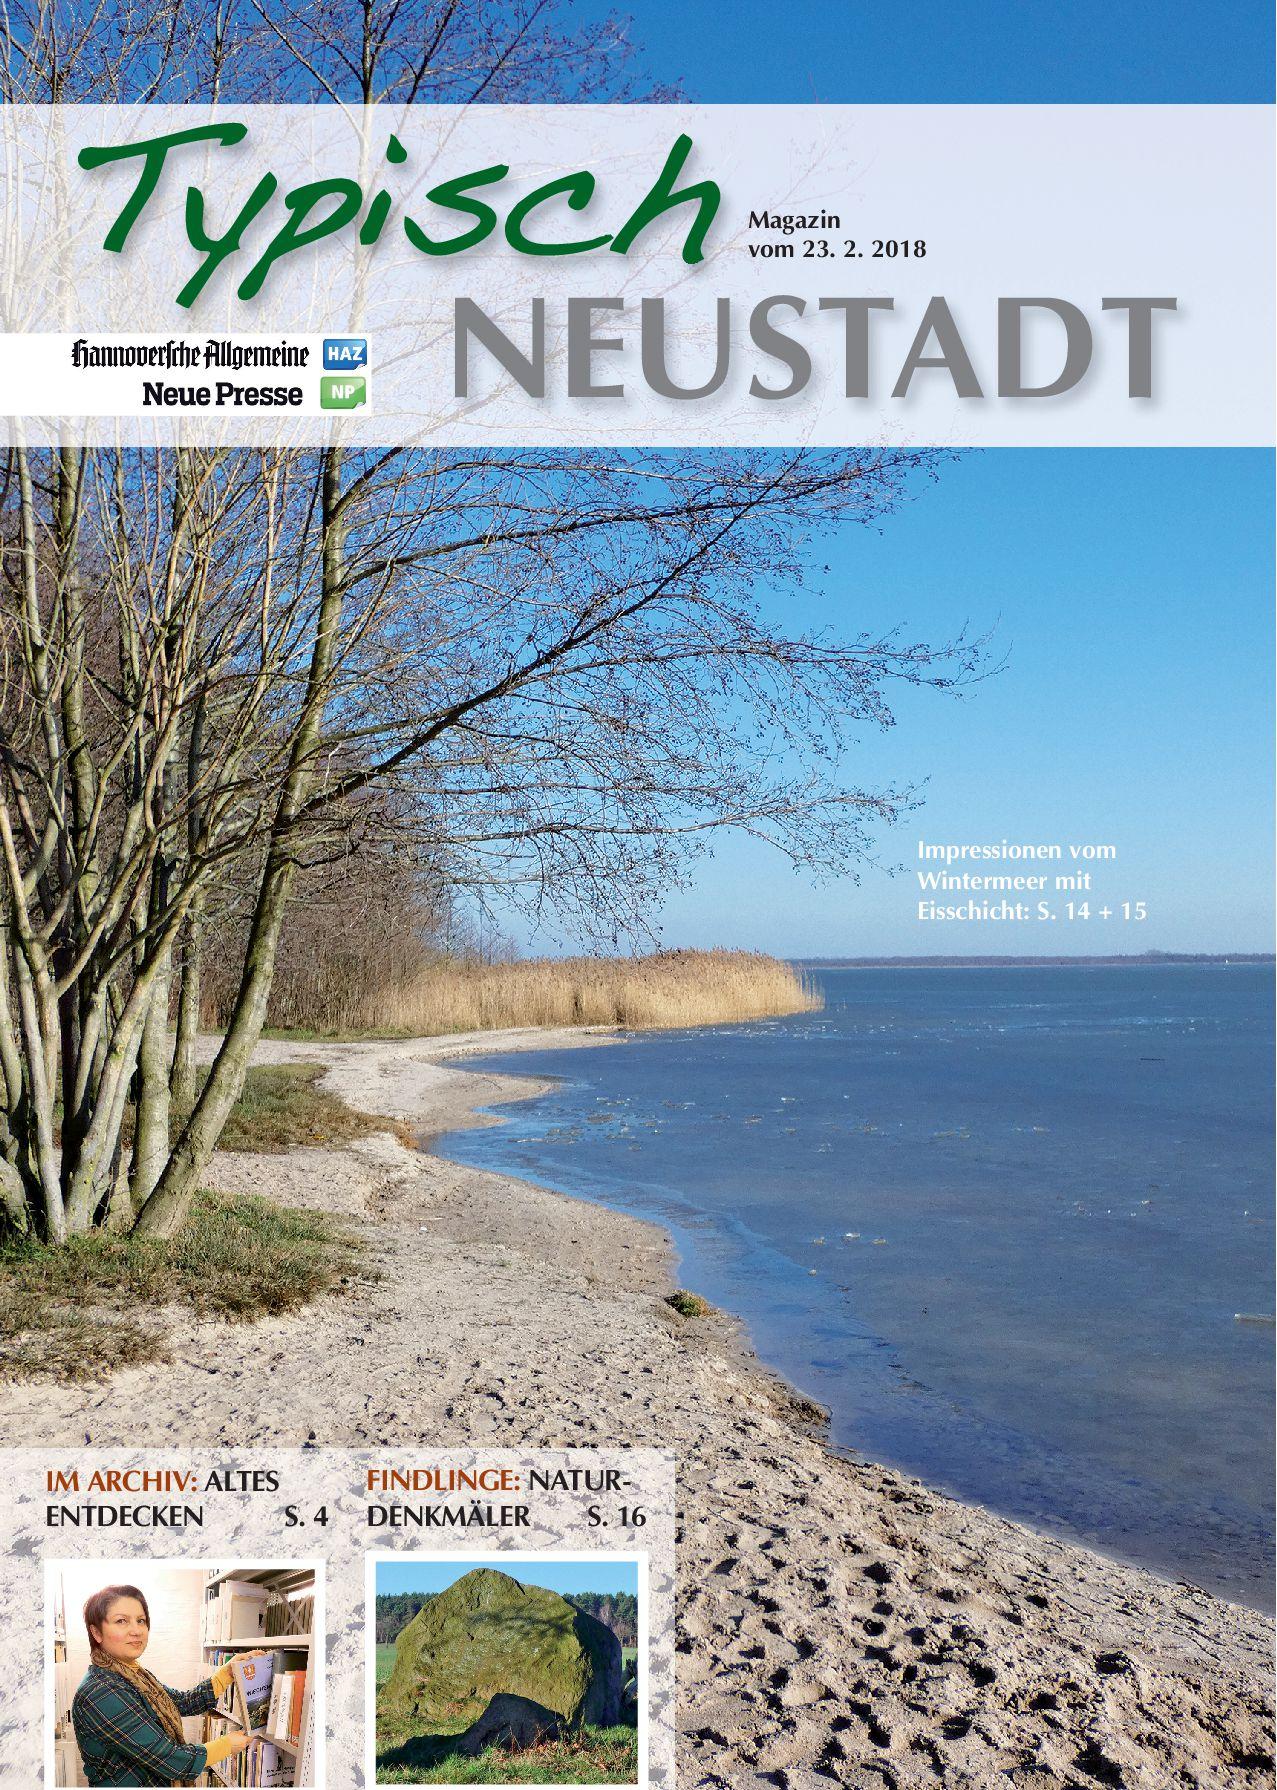 neustadt-vom-23-02-2018